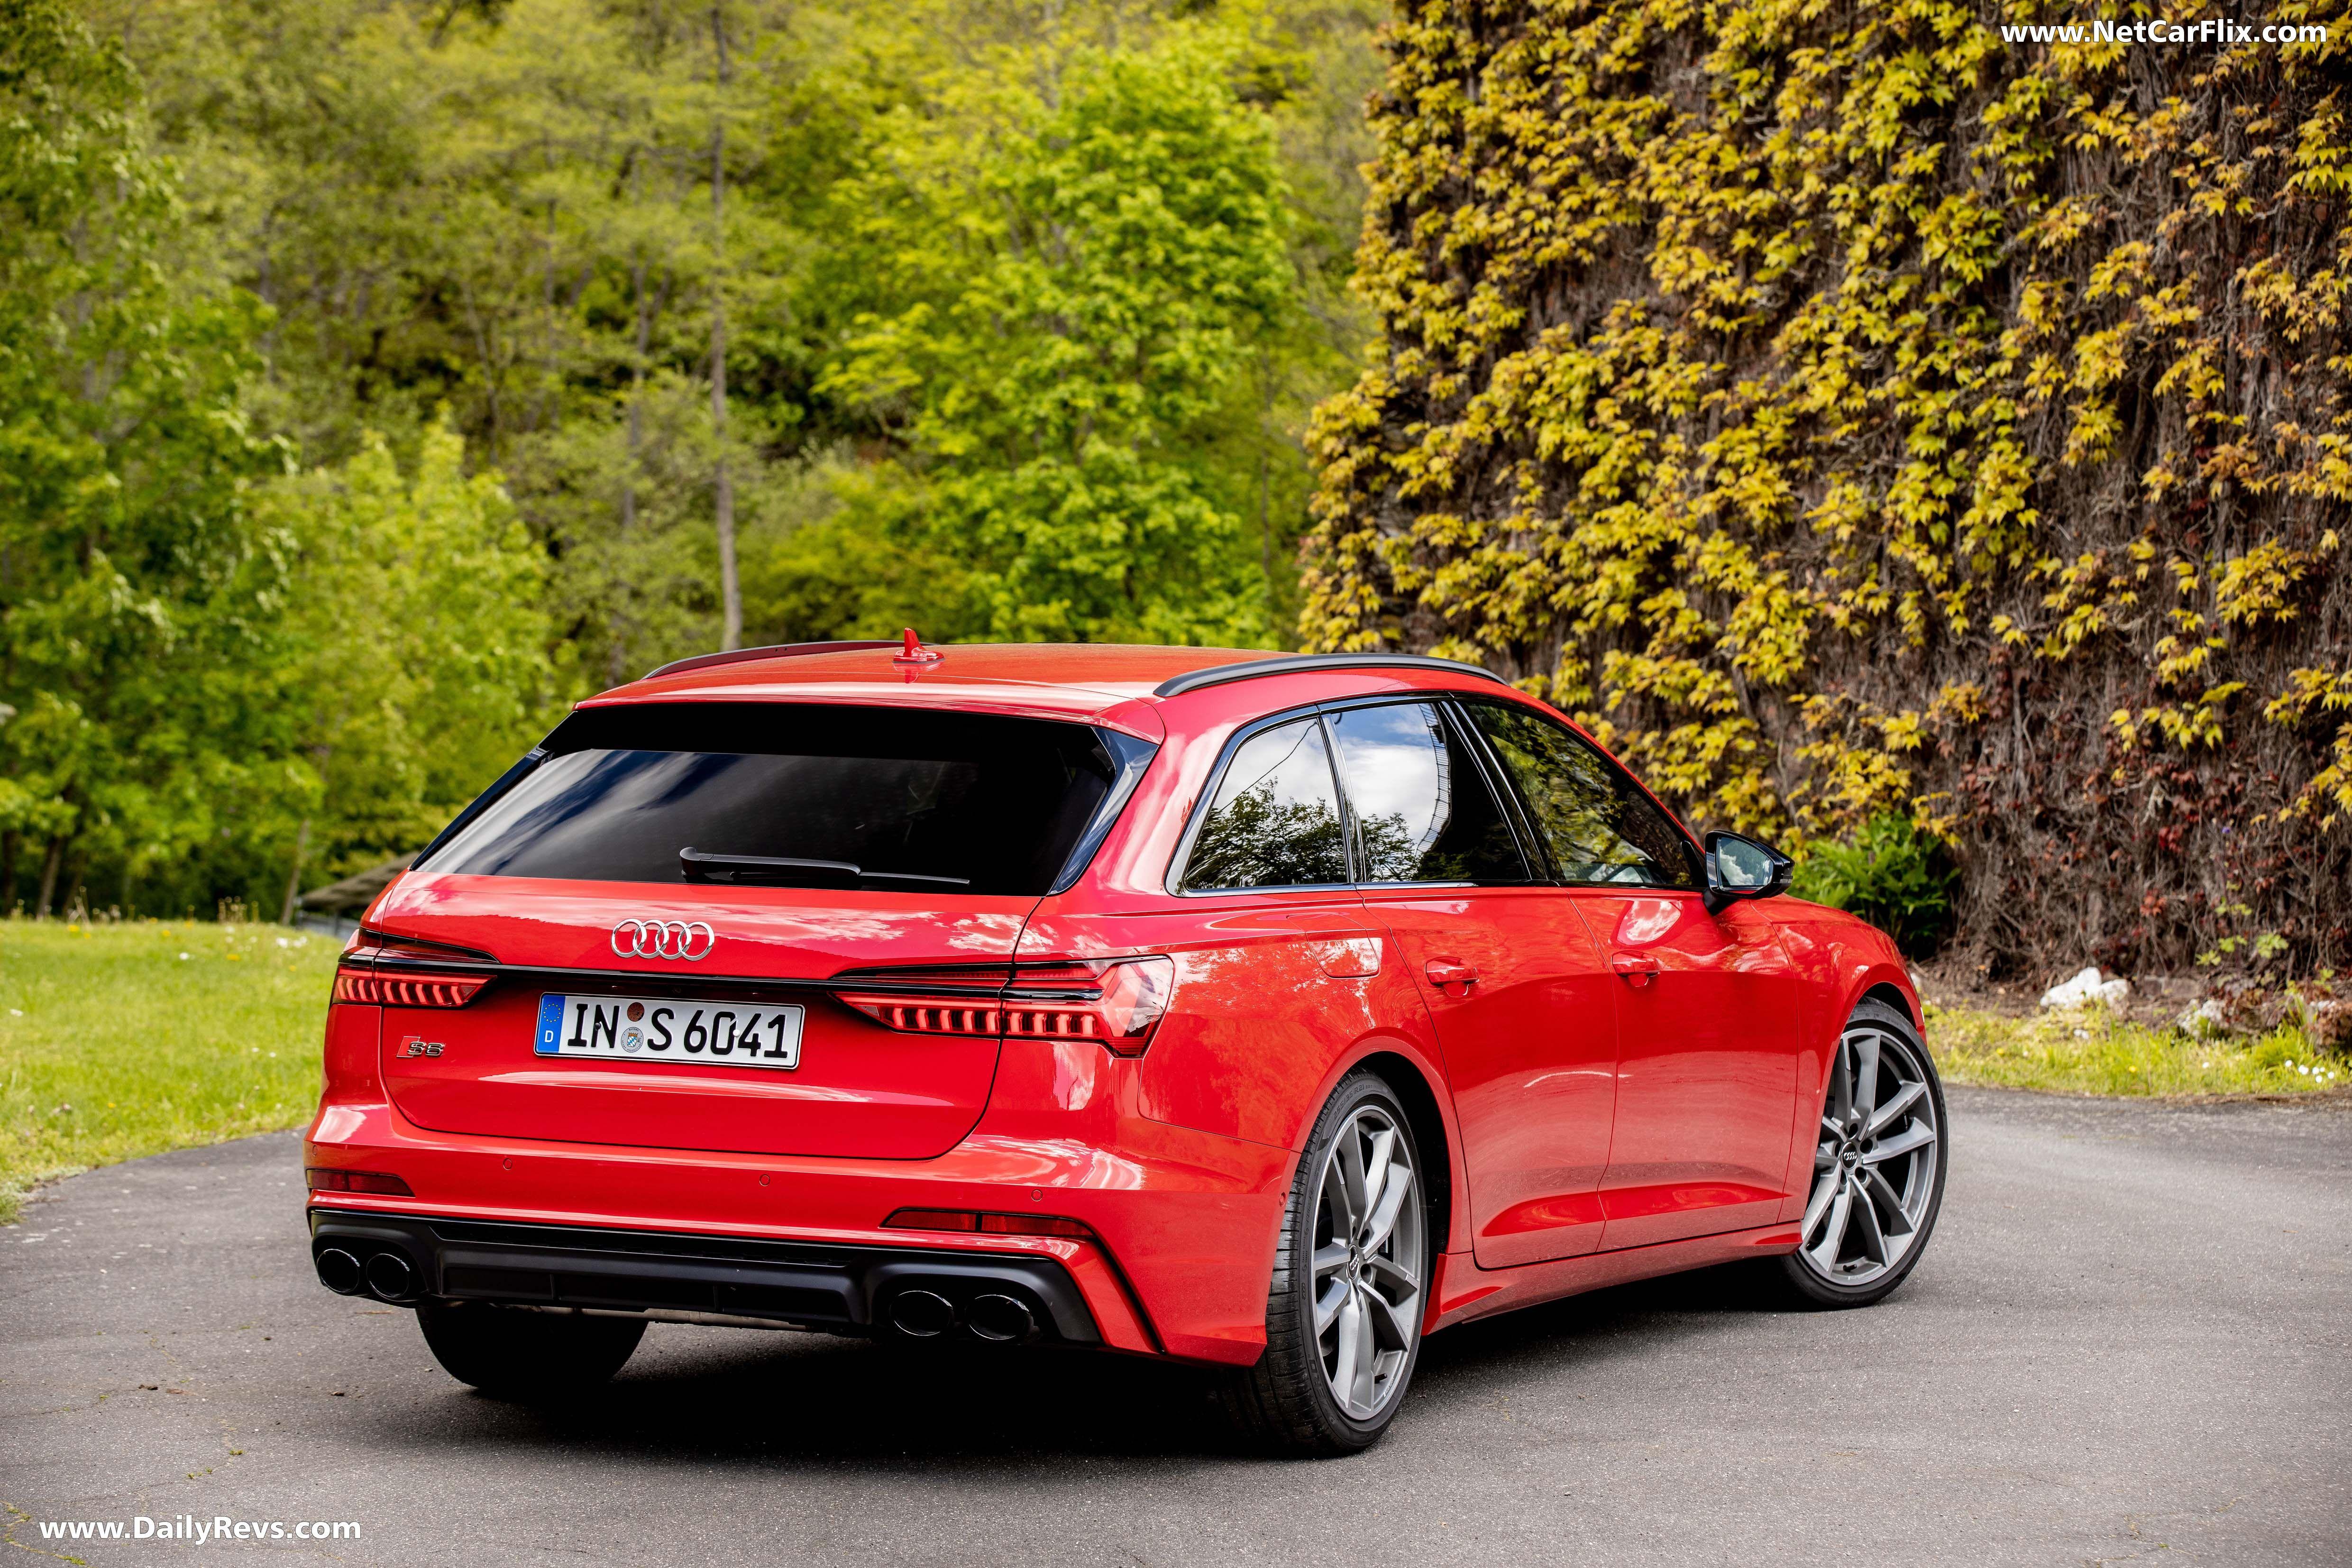 2020 Audi S6 Avant Tdi Dailyrevs Audi S6 Tdi Audi